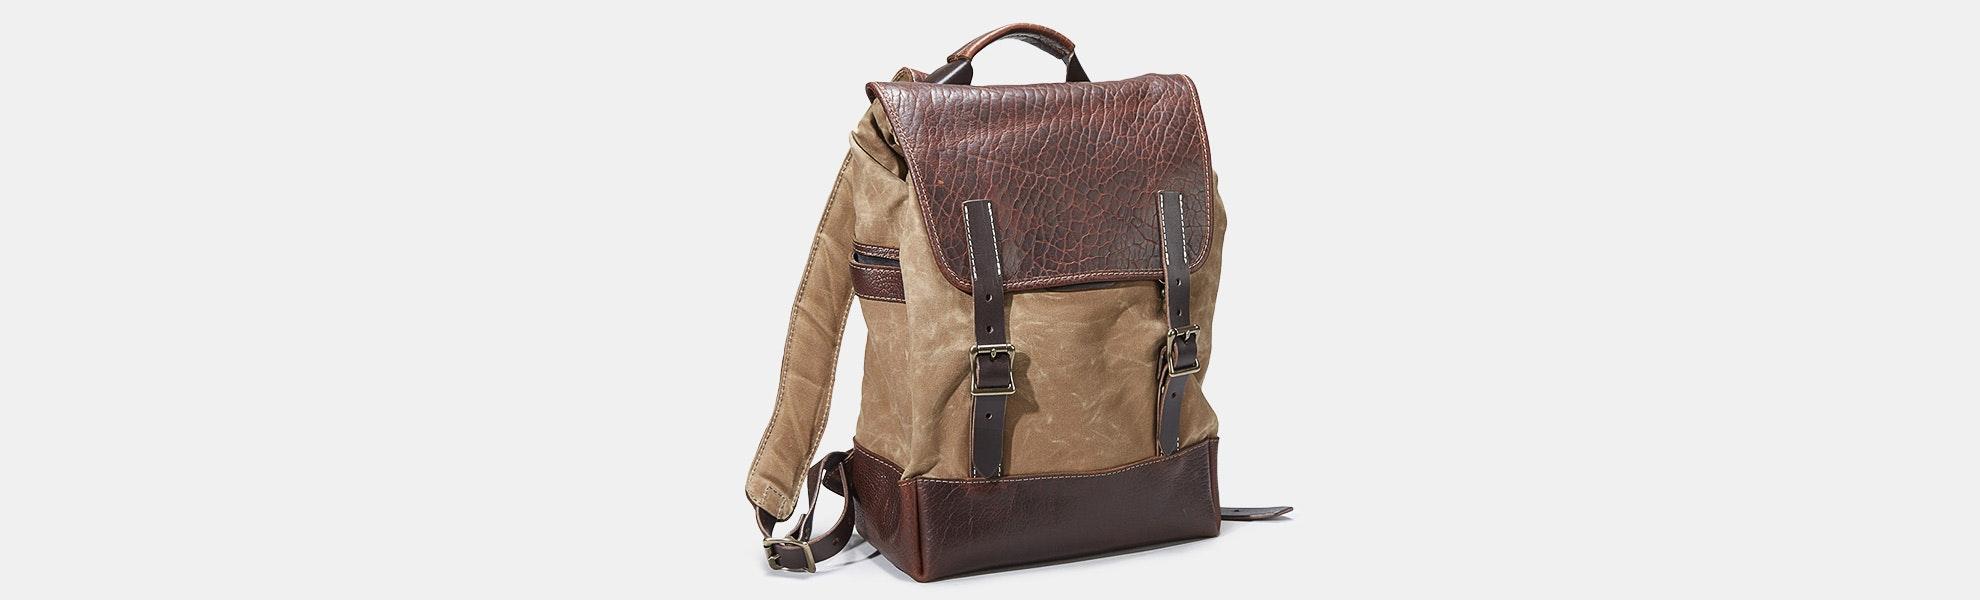 Coronado Leather Bison Redwood #530 Backpack